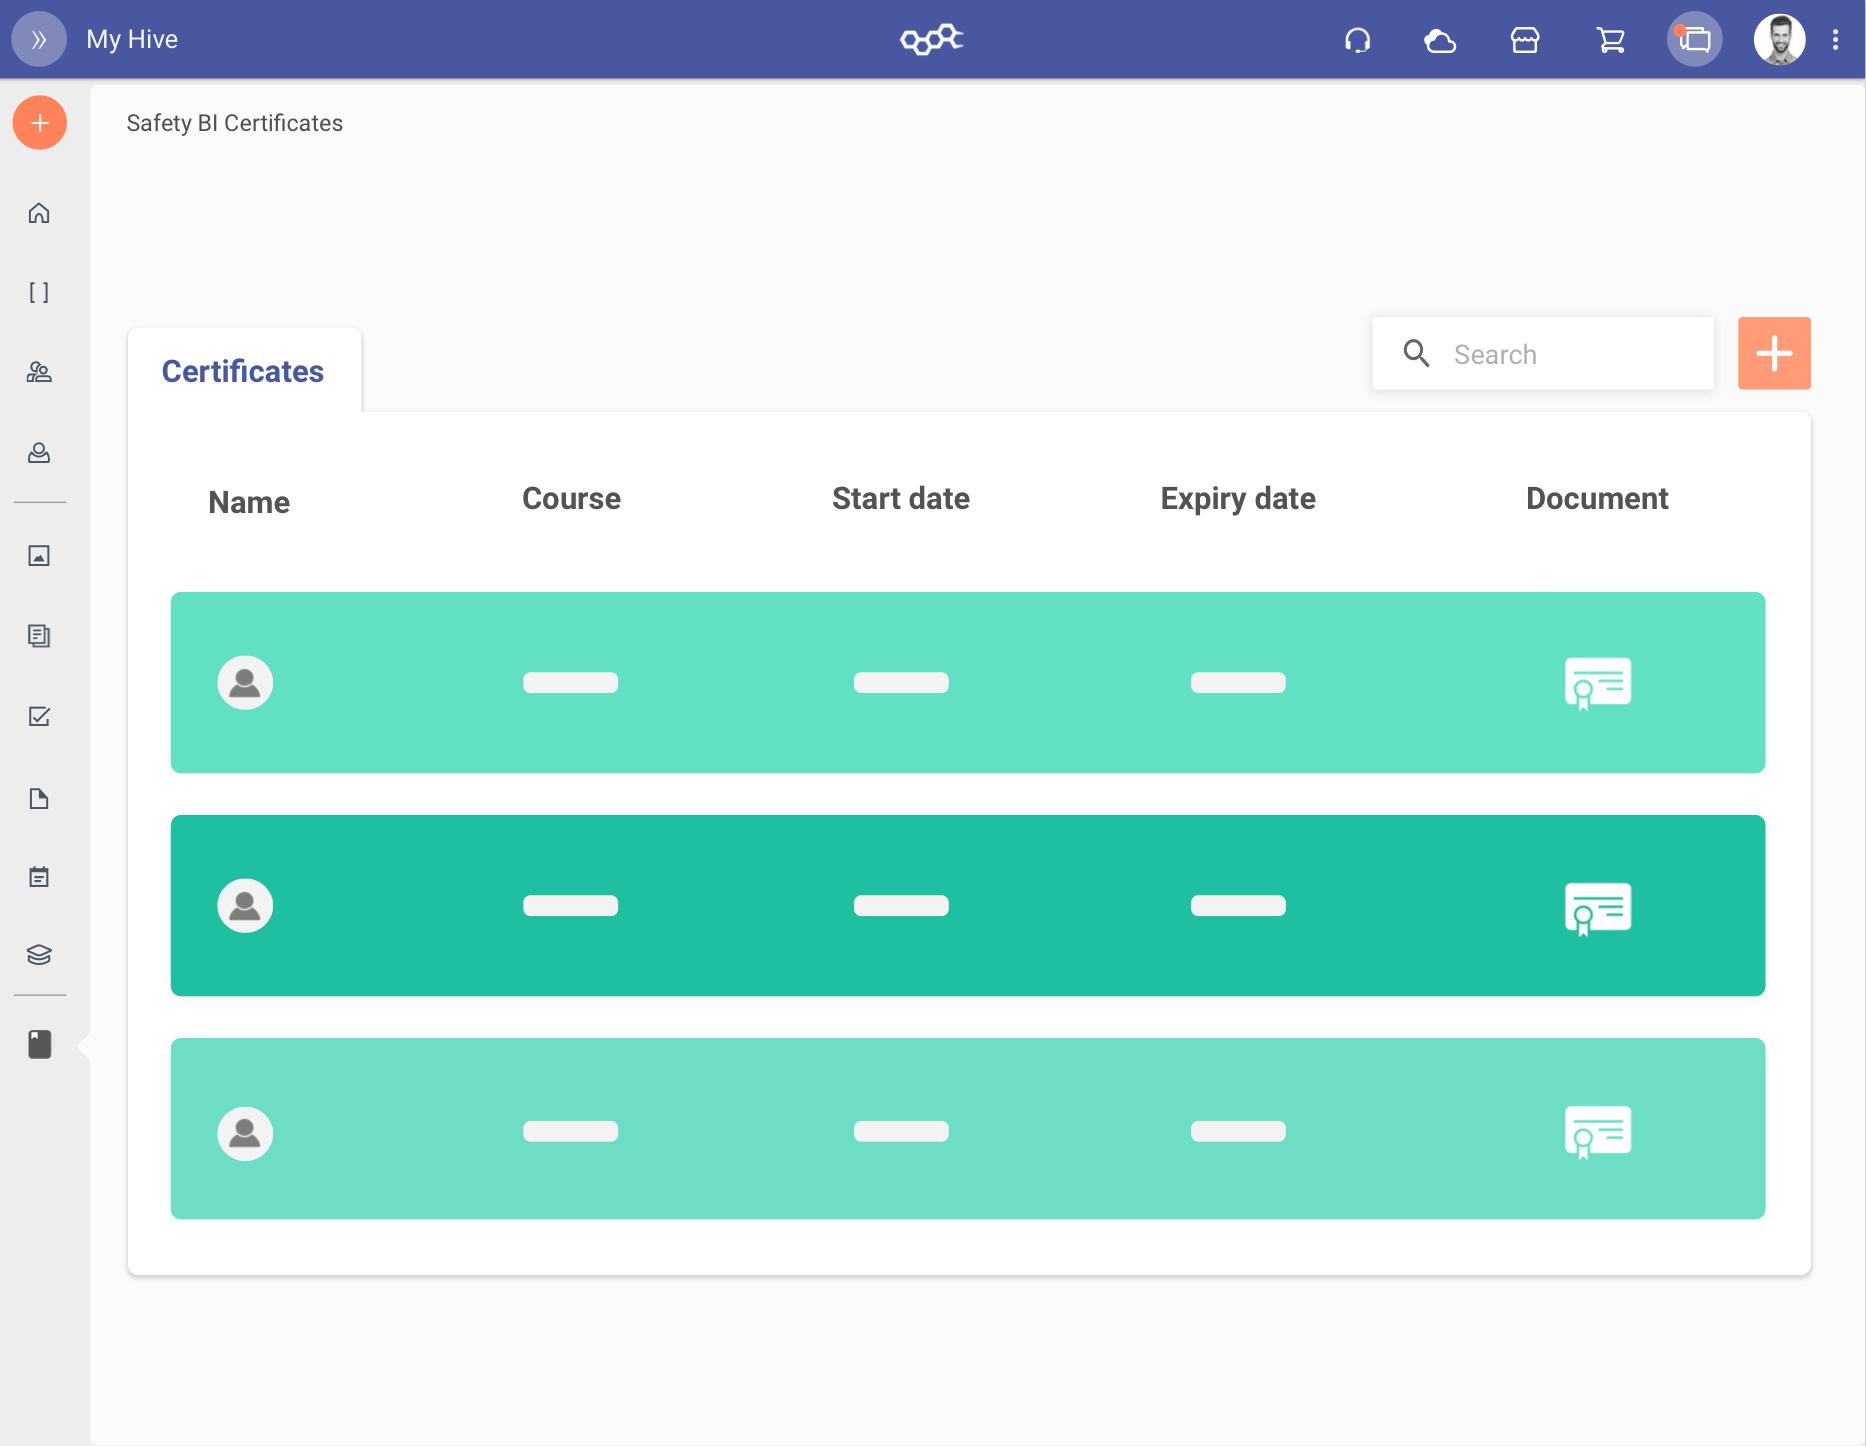 Verifica gli attestati previsti dal piano formativo per ogni utente